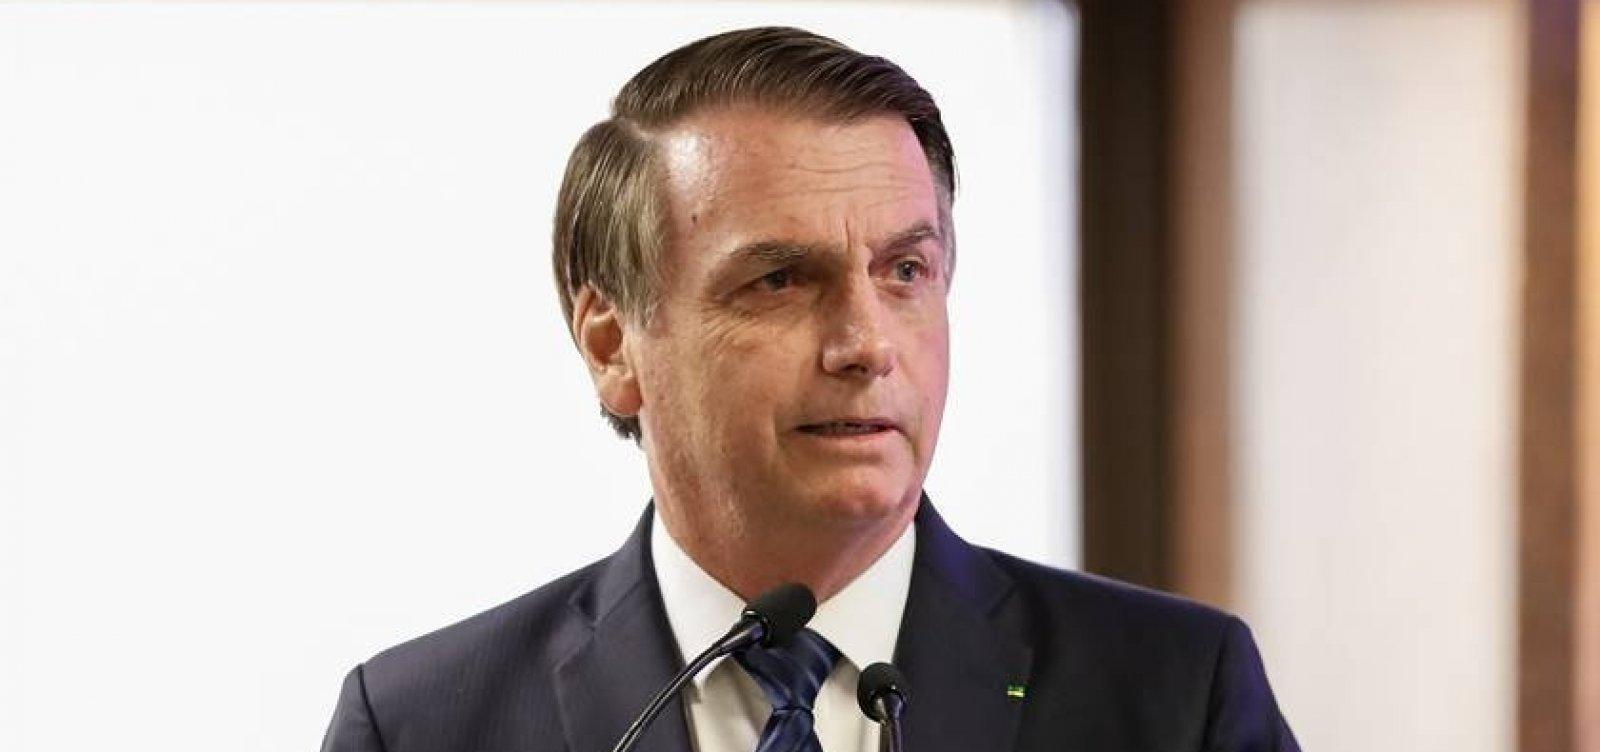 [Após repercussão negativa, Bolsonaro desiste de churrasco no Alvorada]